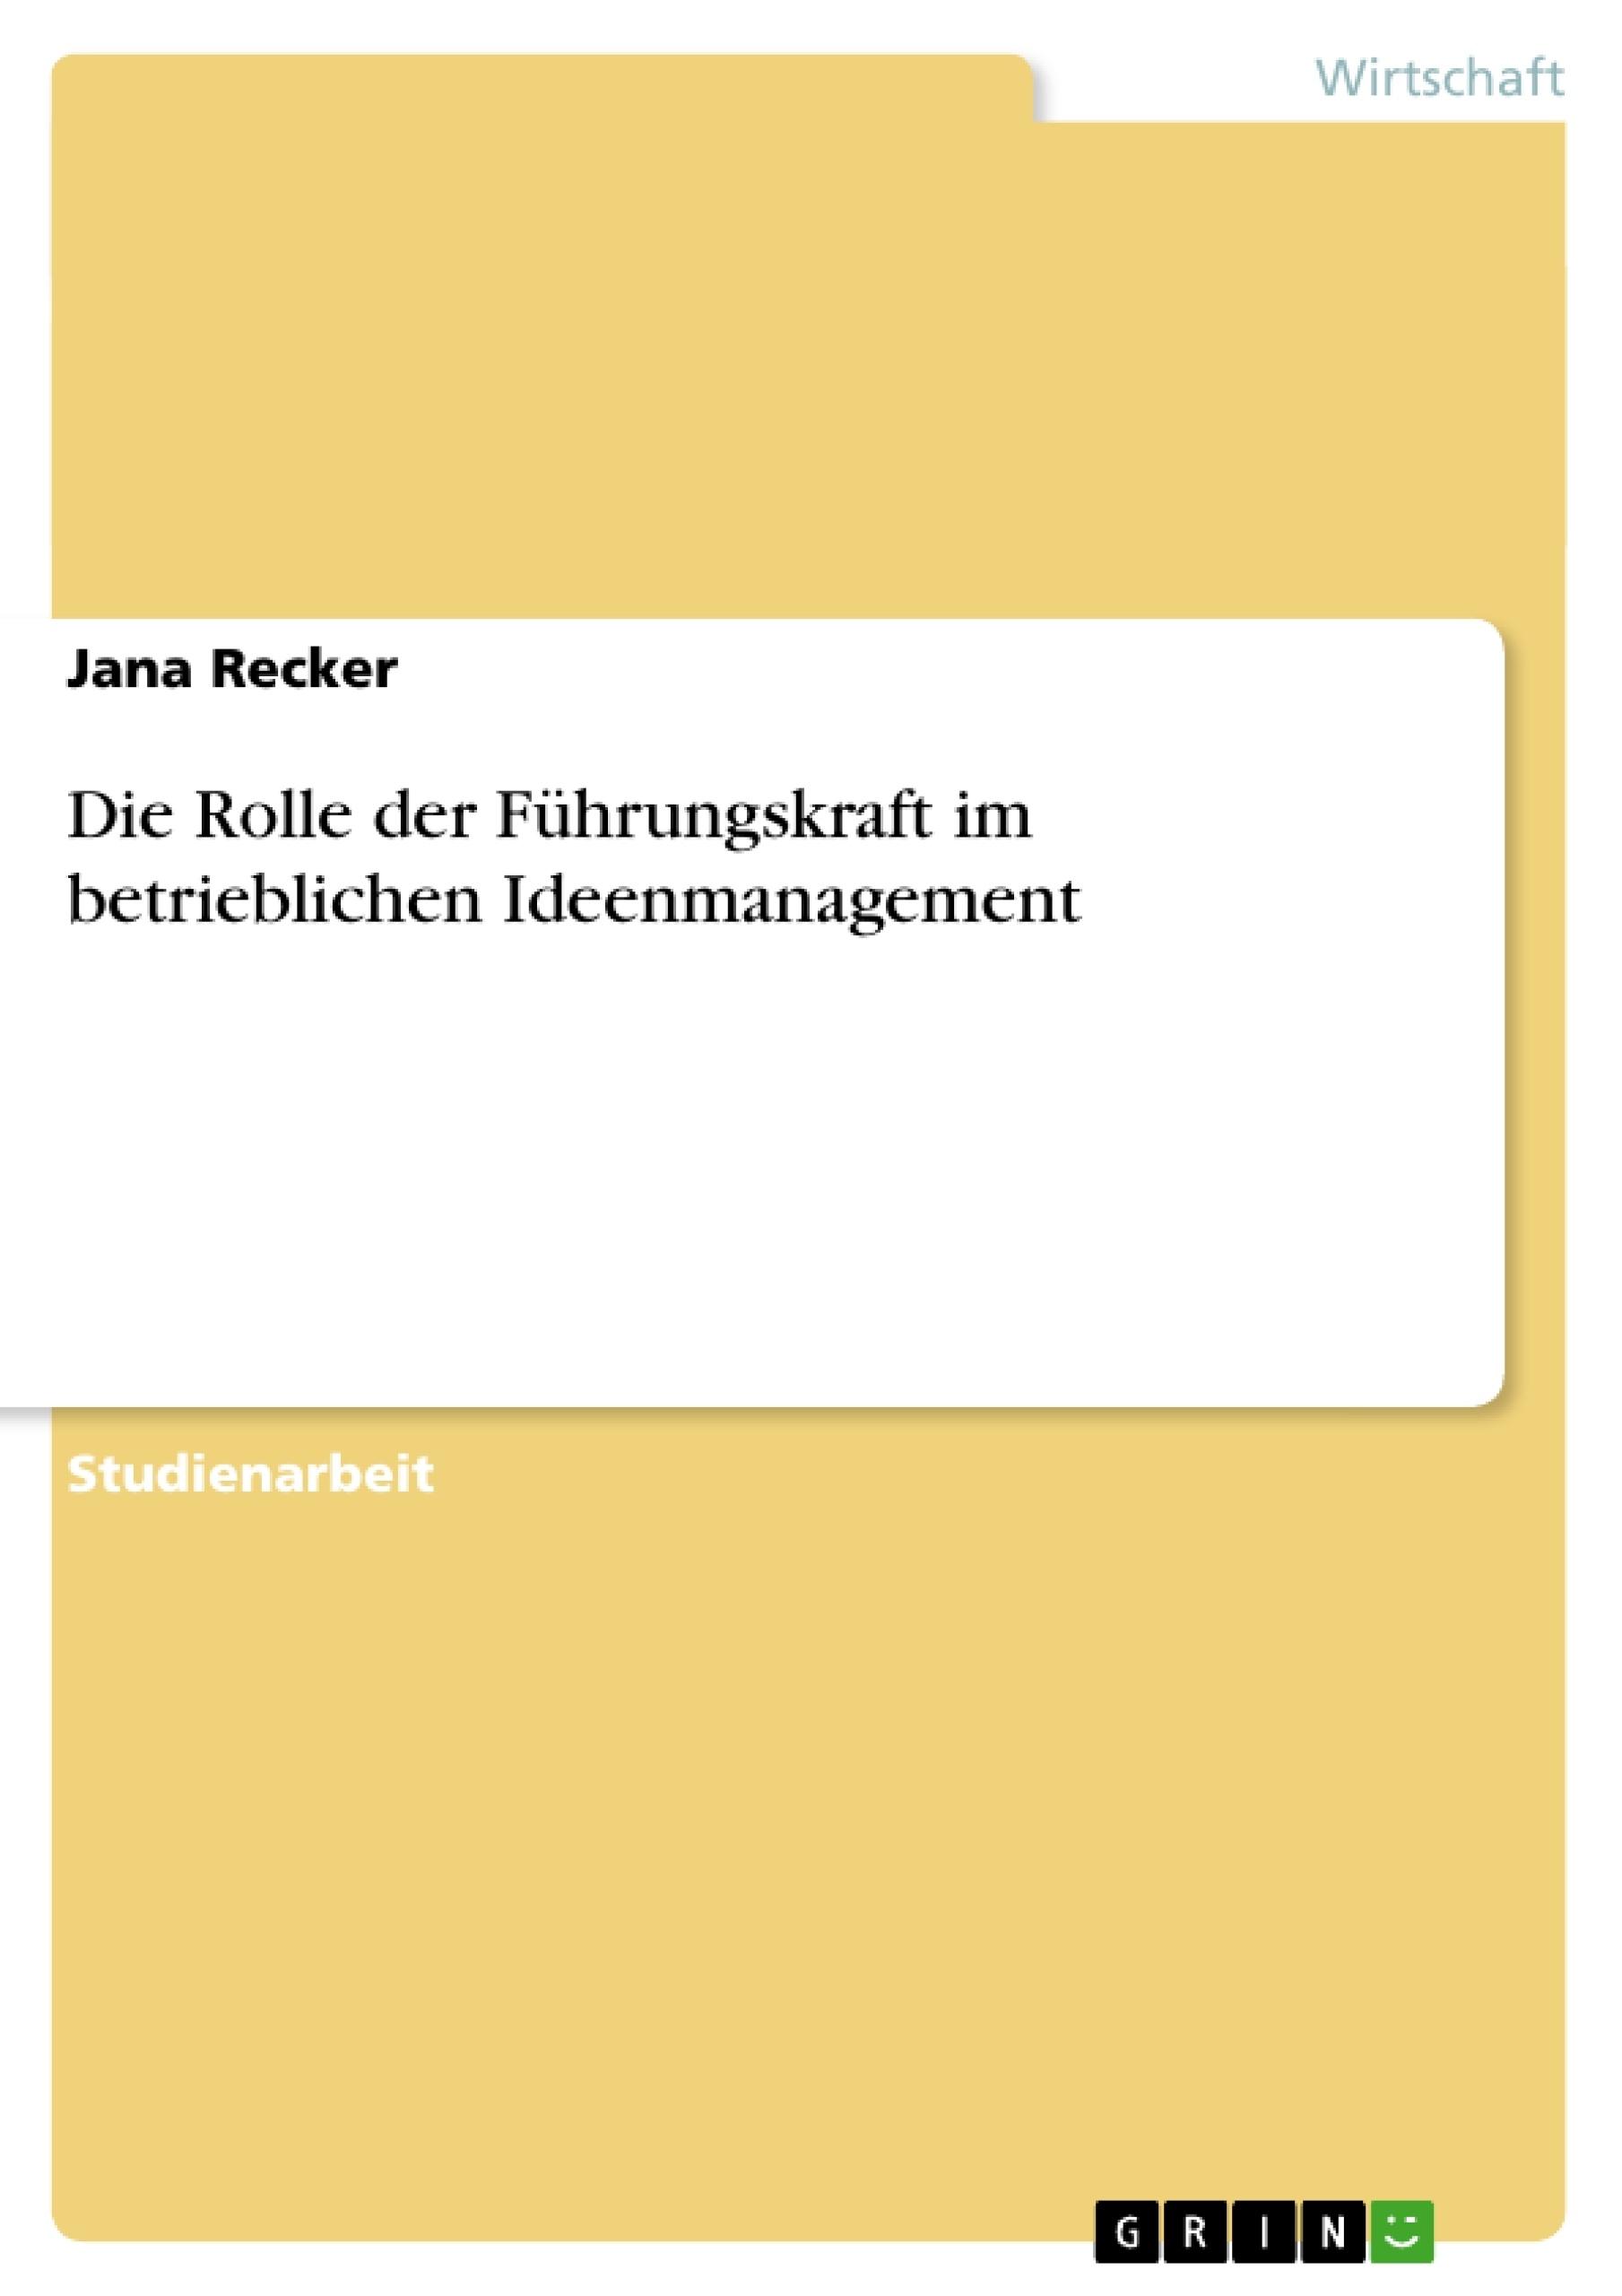 Titel: Die Rolle der Führungskraft im betrieblichen Ideenmanagement